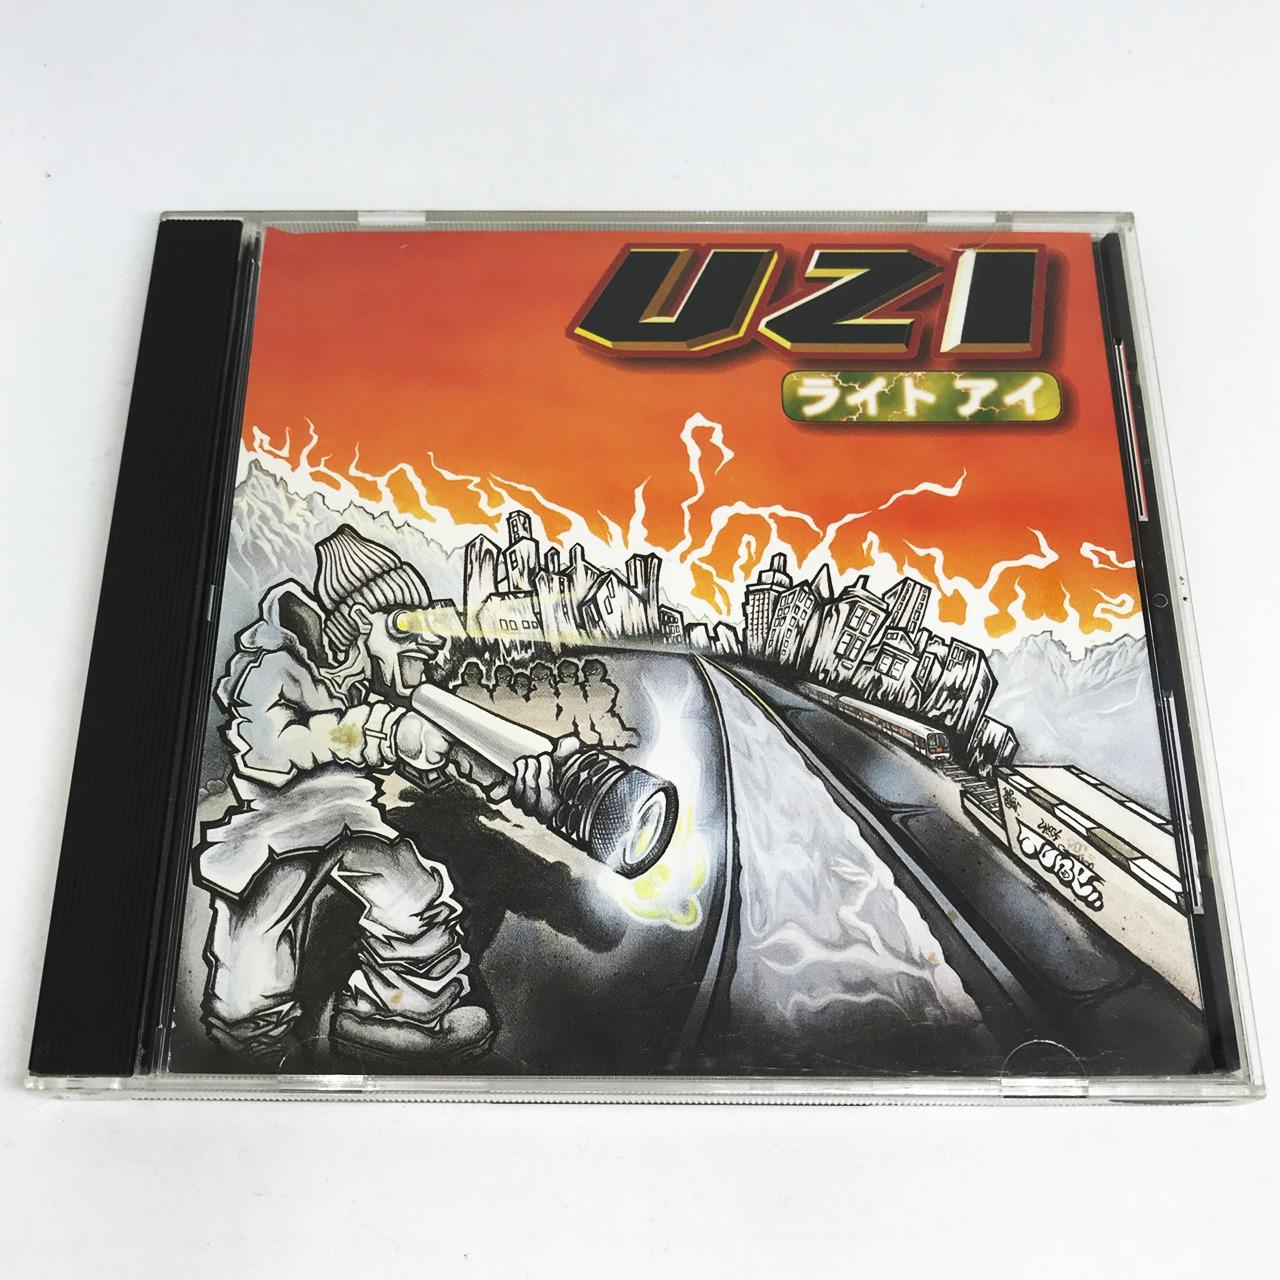 UZI / ライトアイ